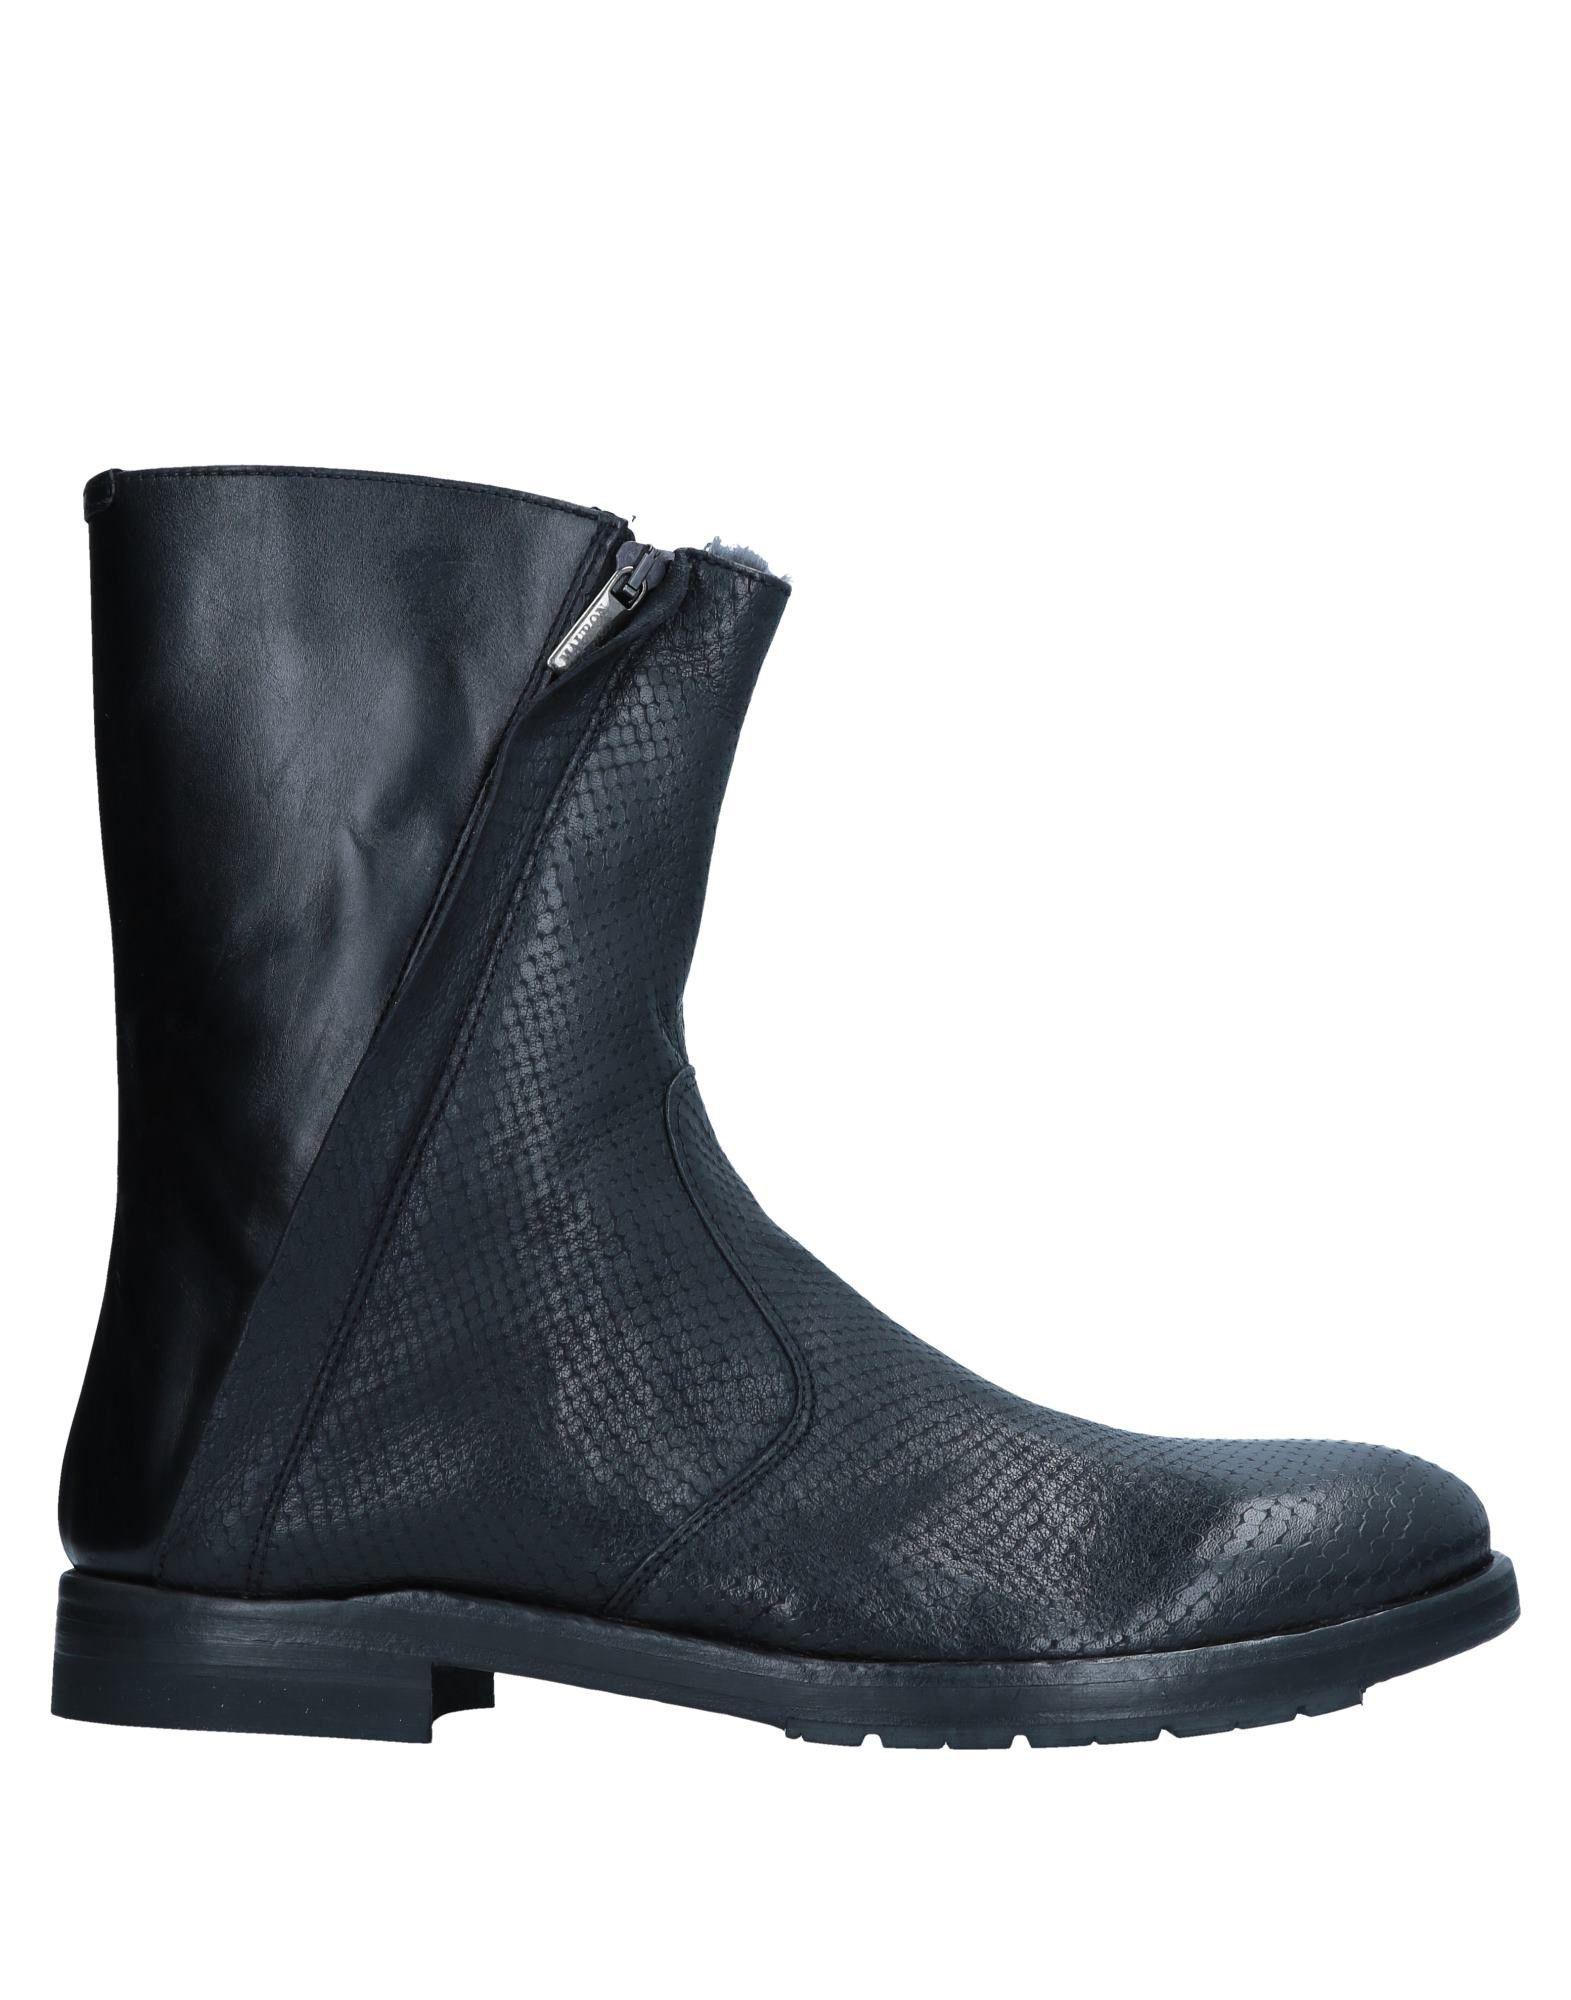 Mauron Stiefelette Herren  11541608DI Gute Qualität beliebte Schuhe